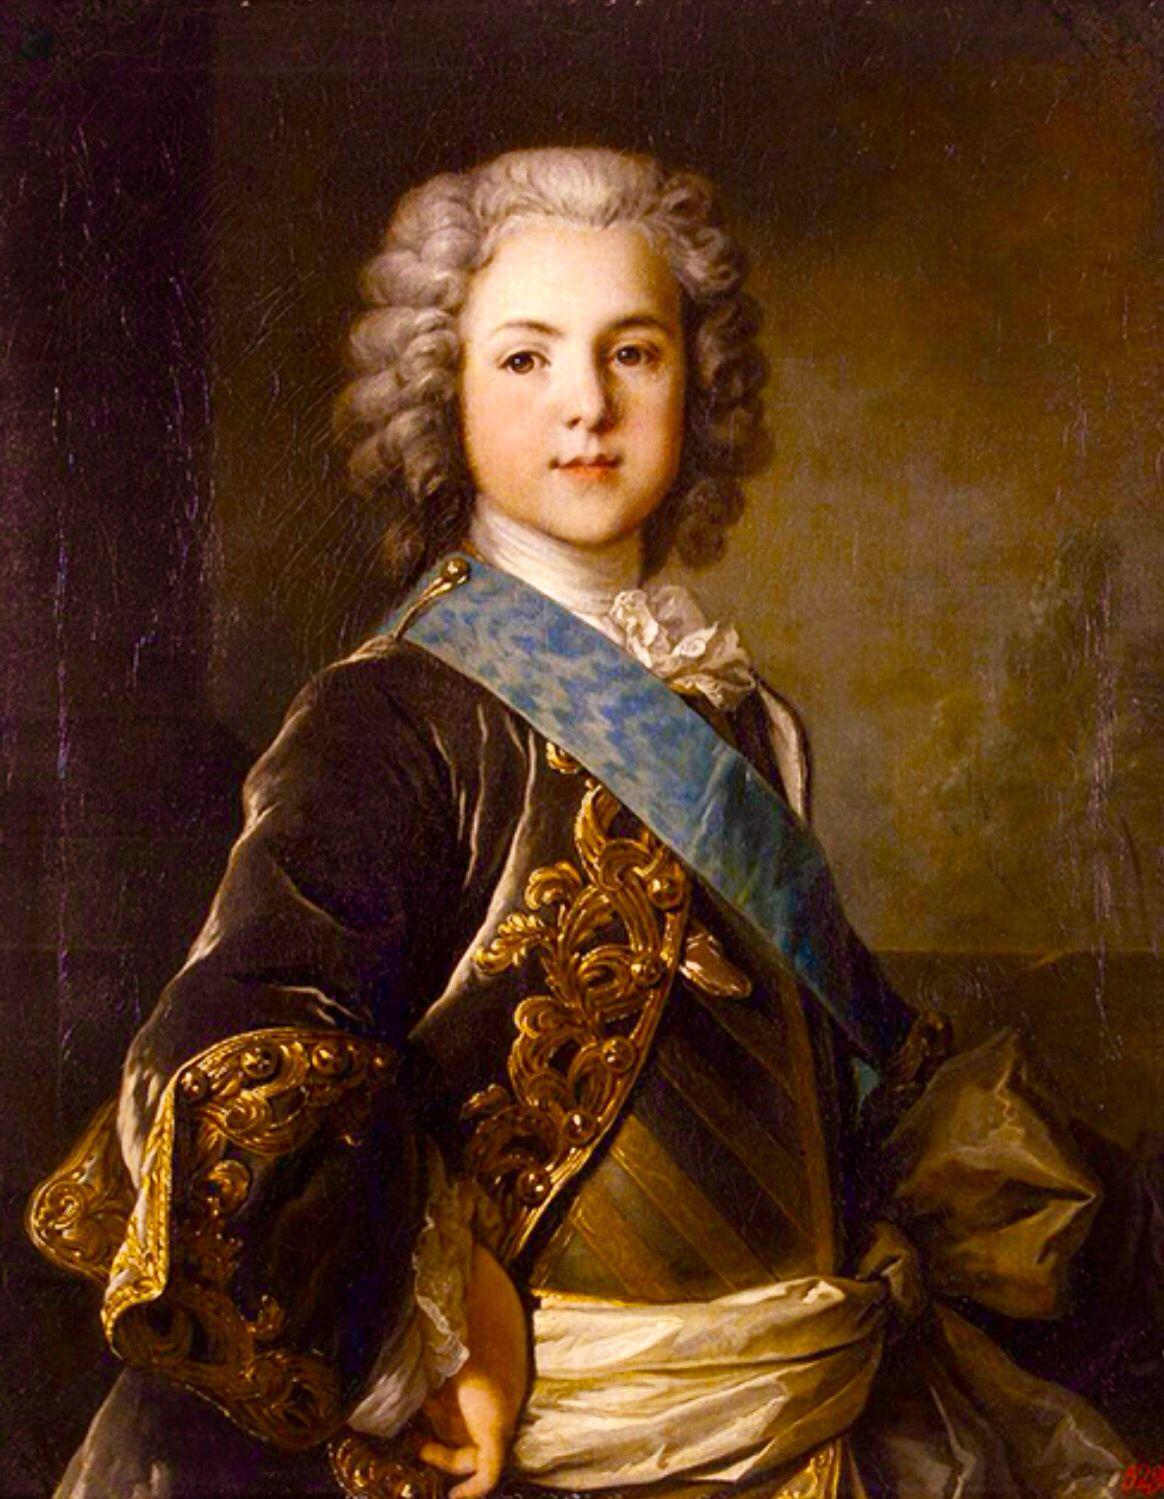 Resultado de imagen para rey de francia delfín Louis